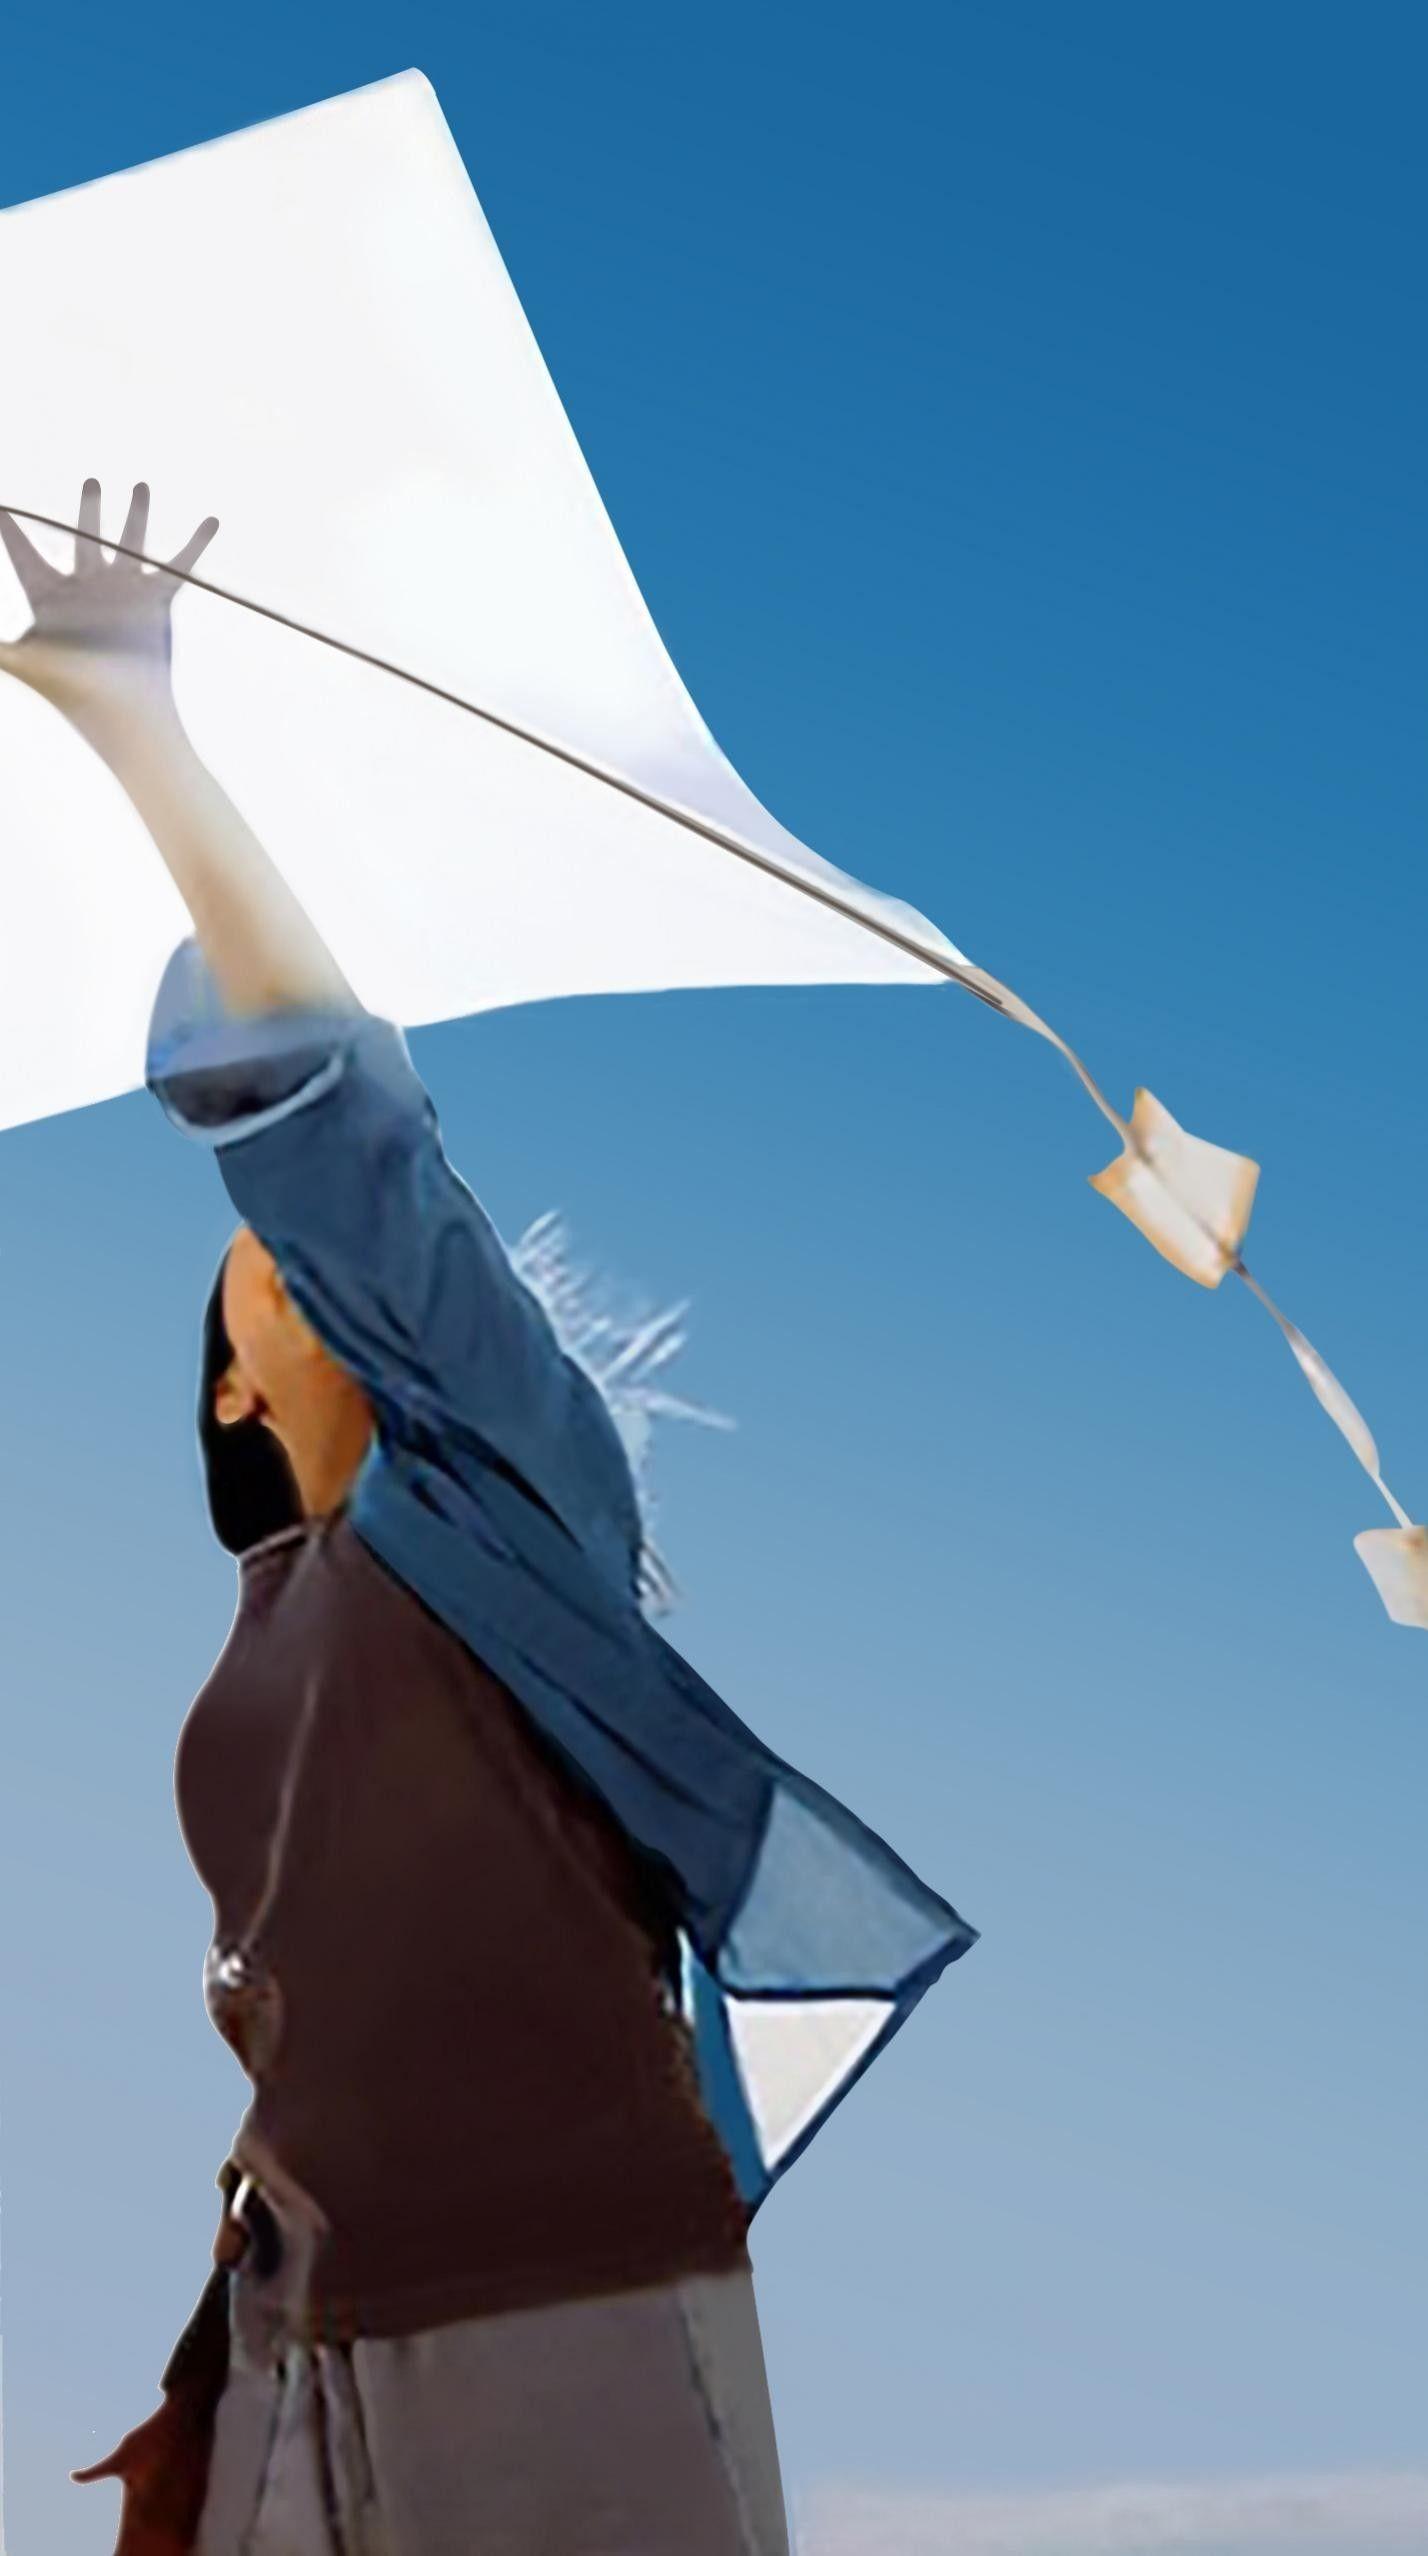 Nexus 6 Kite Wallpaper 62 Images